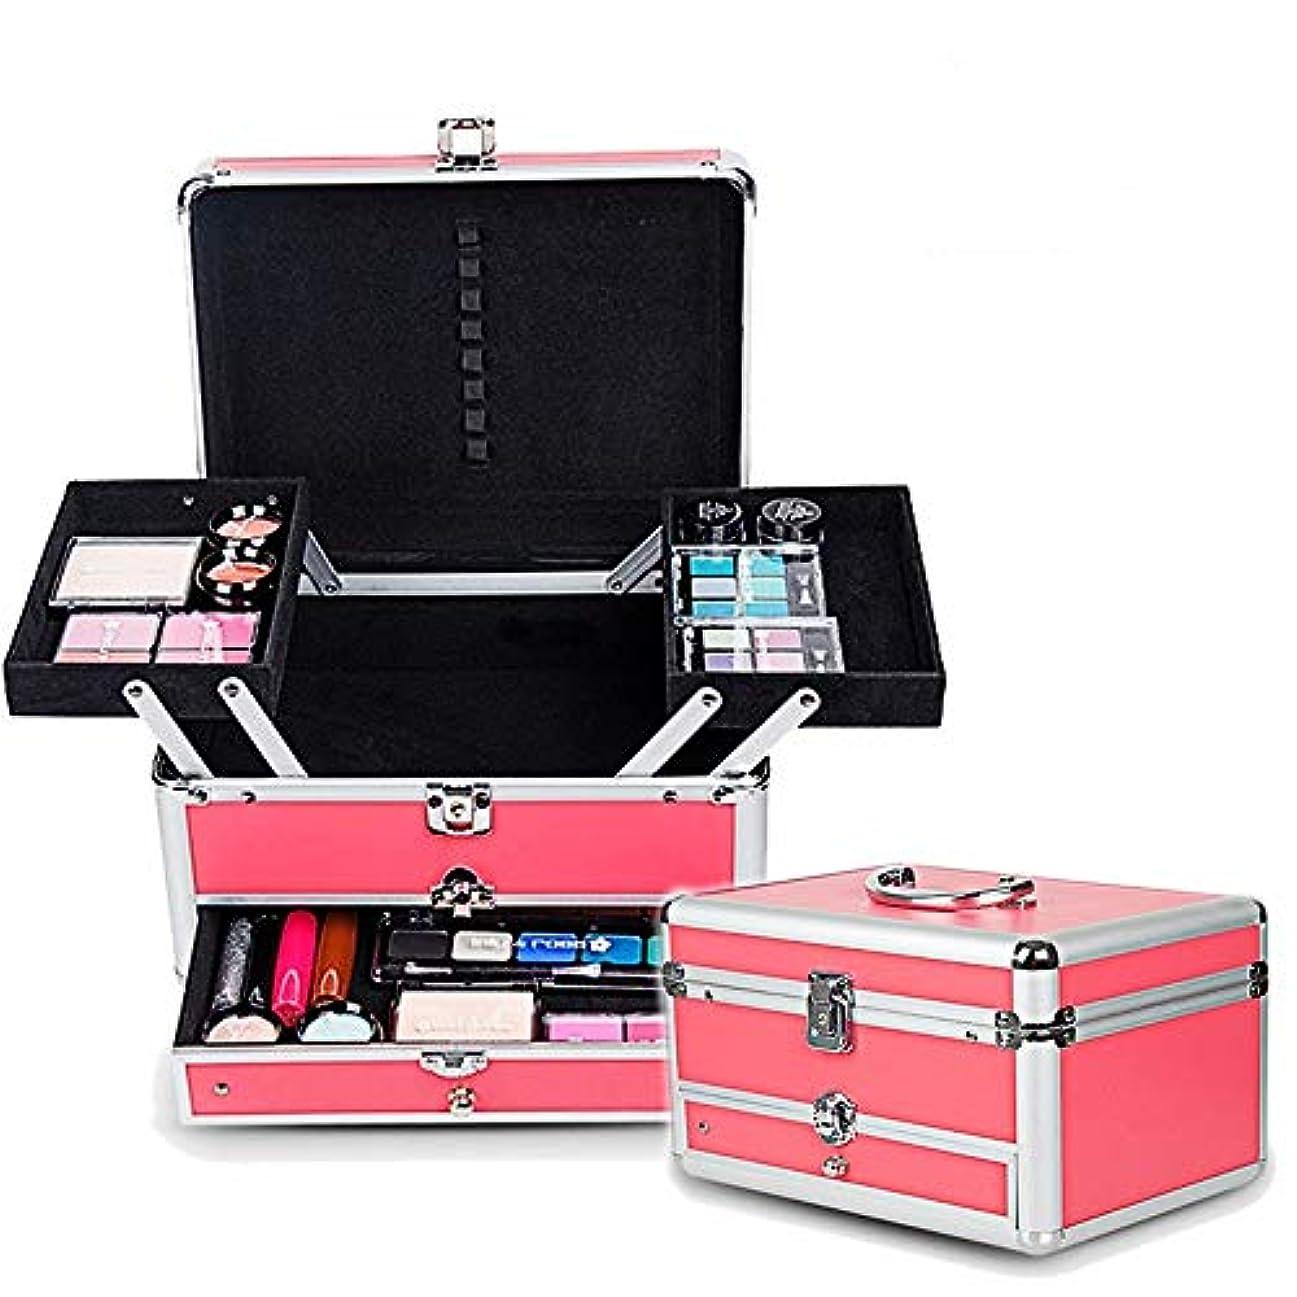 コンデンサー呼び出す女王化粧オーガナイザーバッグ メイクアップトラベルバッグストレージバッグ防水ミニメイクアップケース旅行旅行のための 化粧品ケース